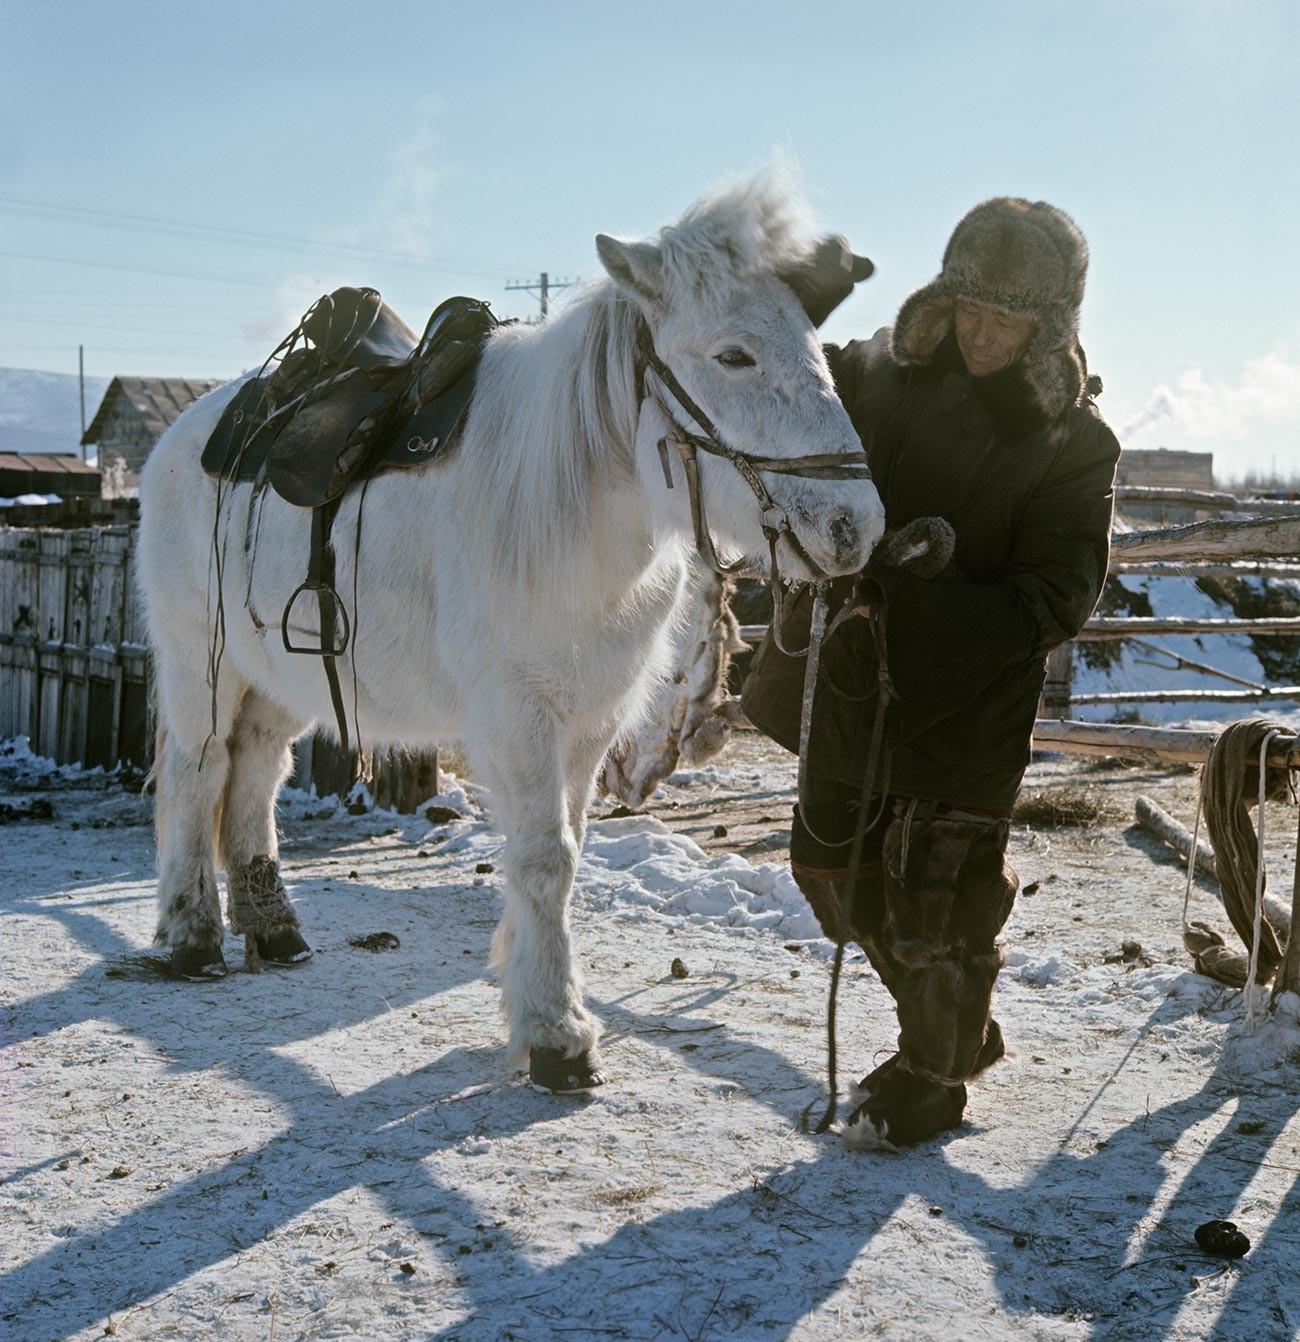 Ловац Андреј Алексејев са јакутским коњем. Јакутија.